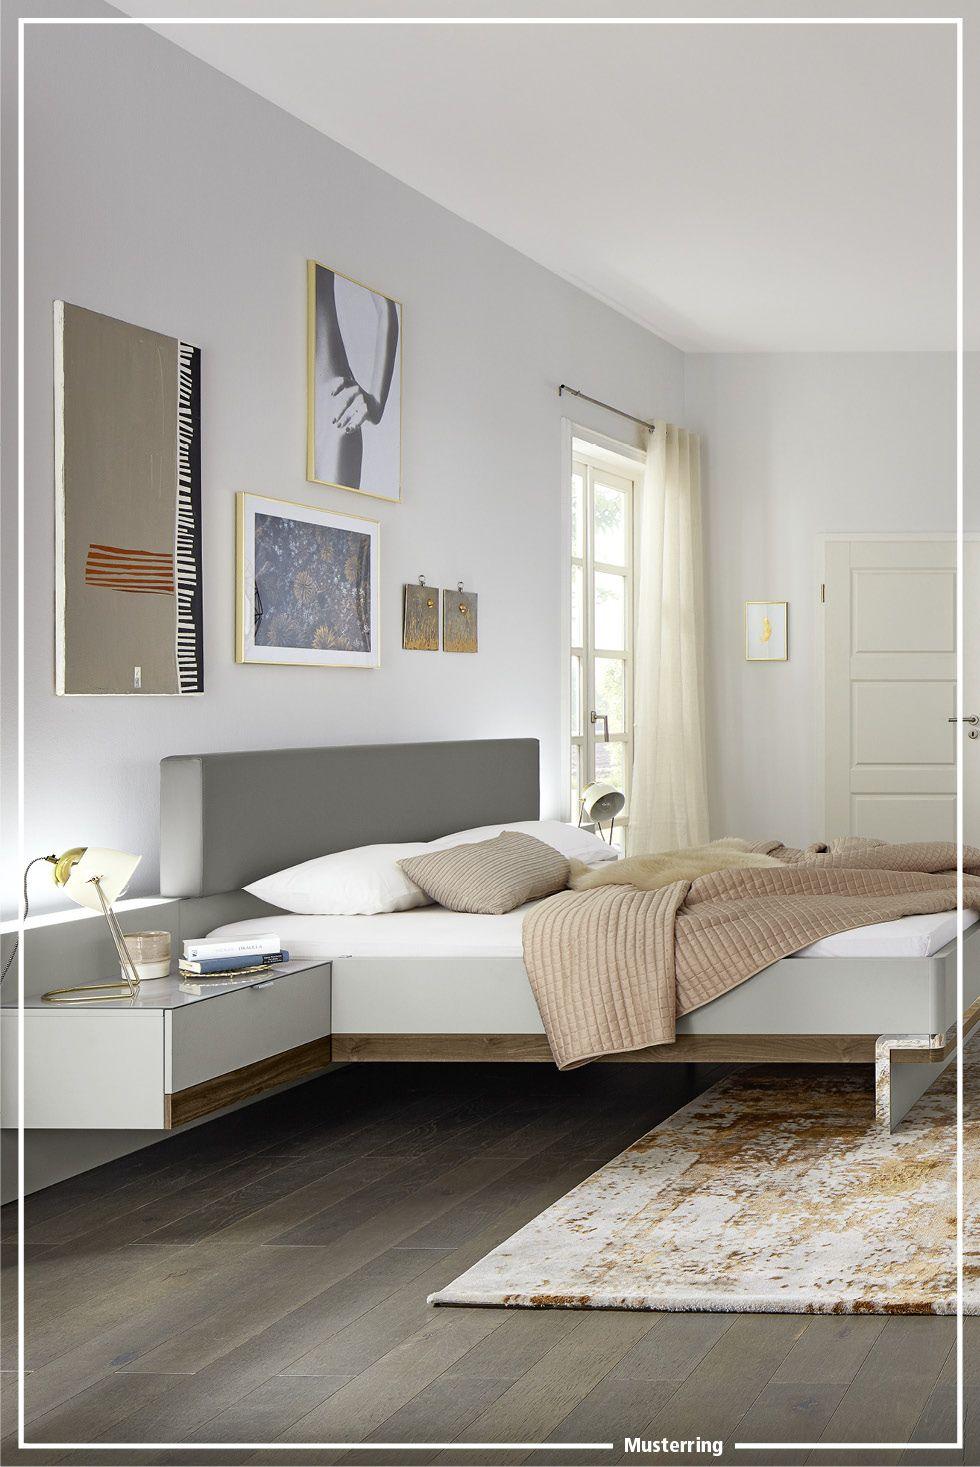 Musterring ISKIA Schlafzimmer | sleeping room | Schlafzimmer ...